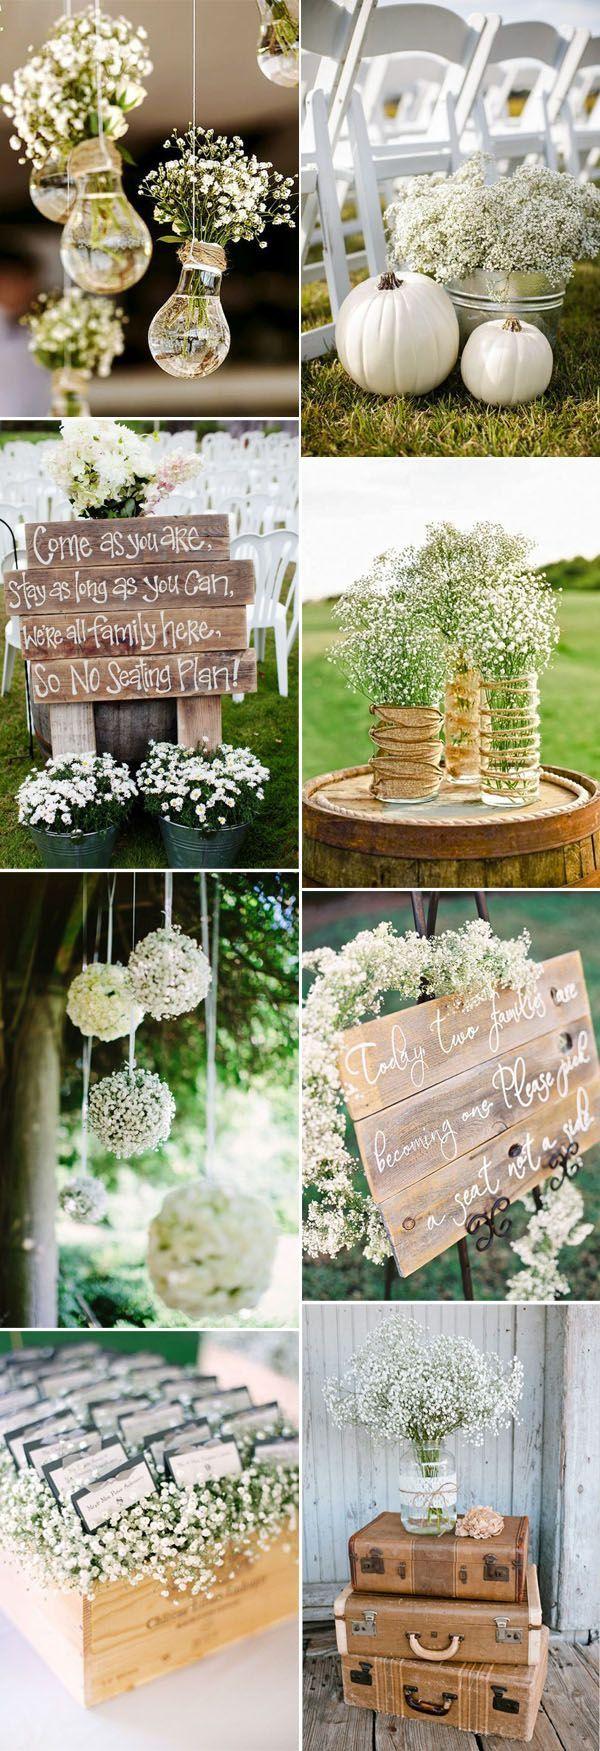 Wedding reception wedding decor ideas  elegant babyus breath wedding decoration ideas weddingdecoration